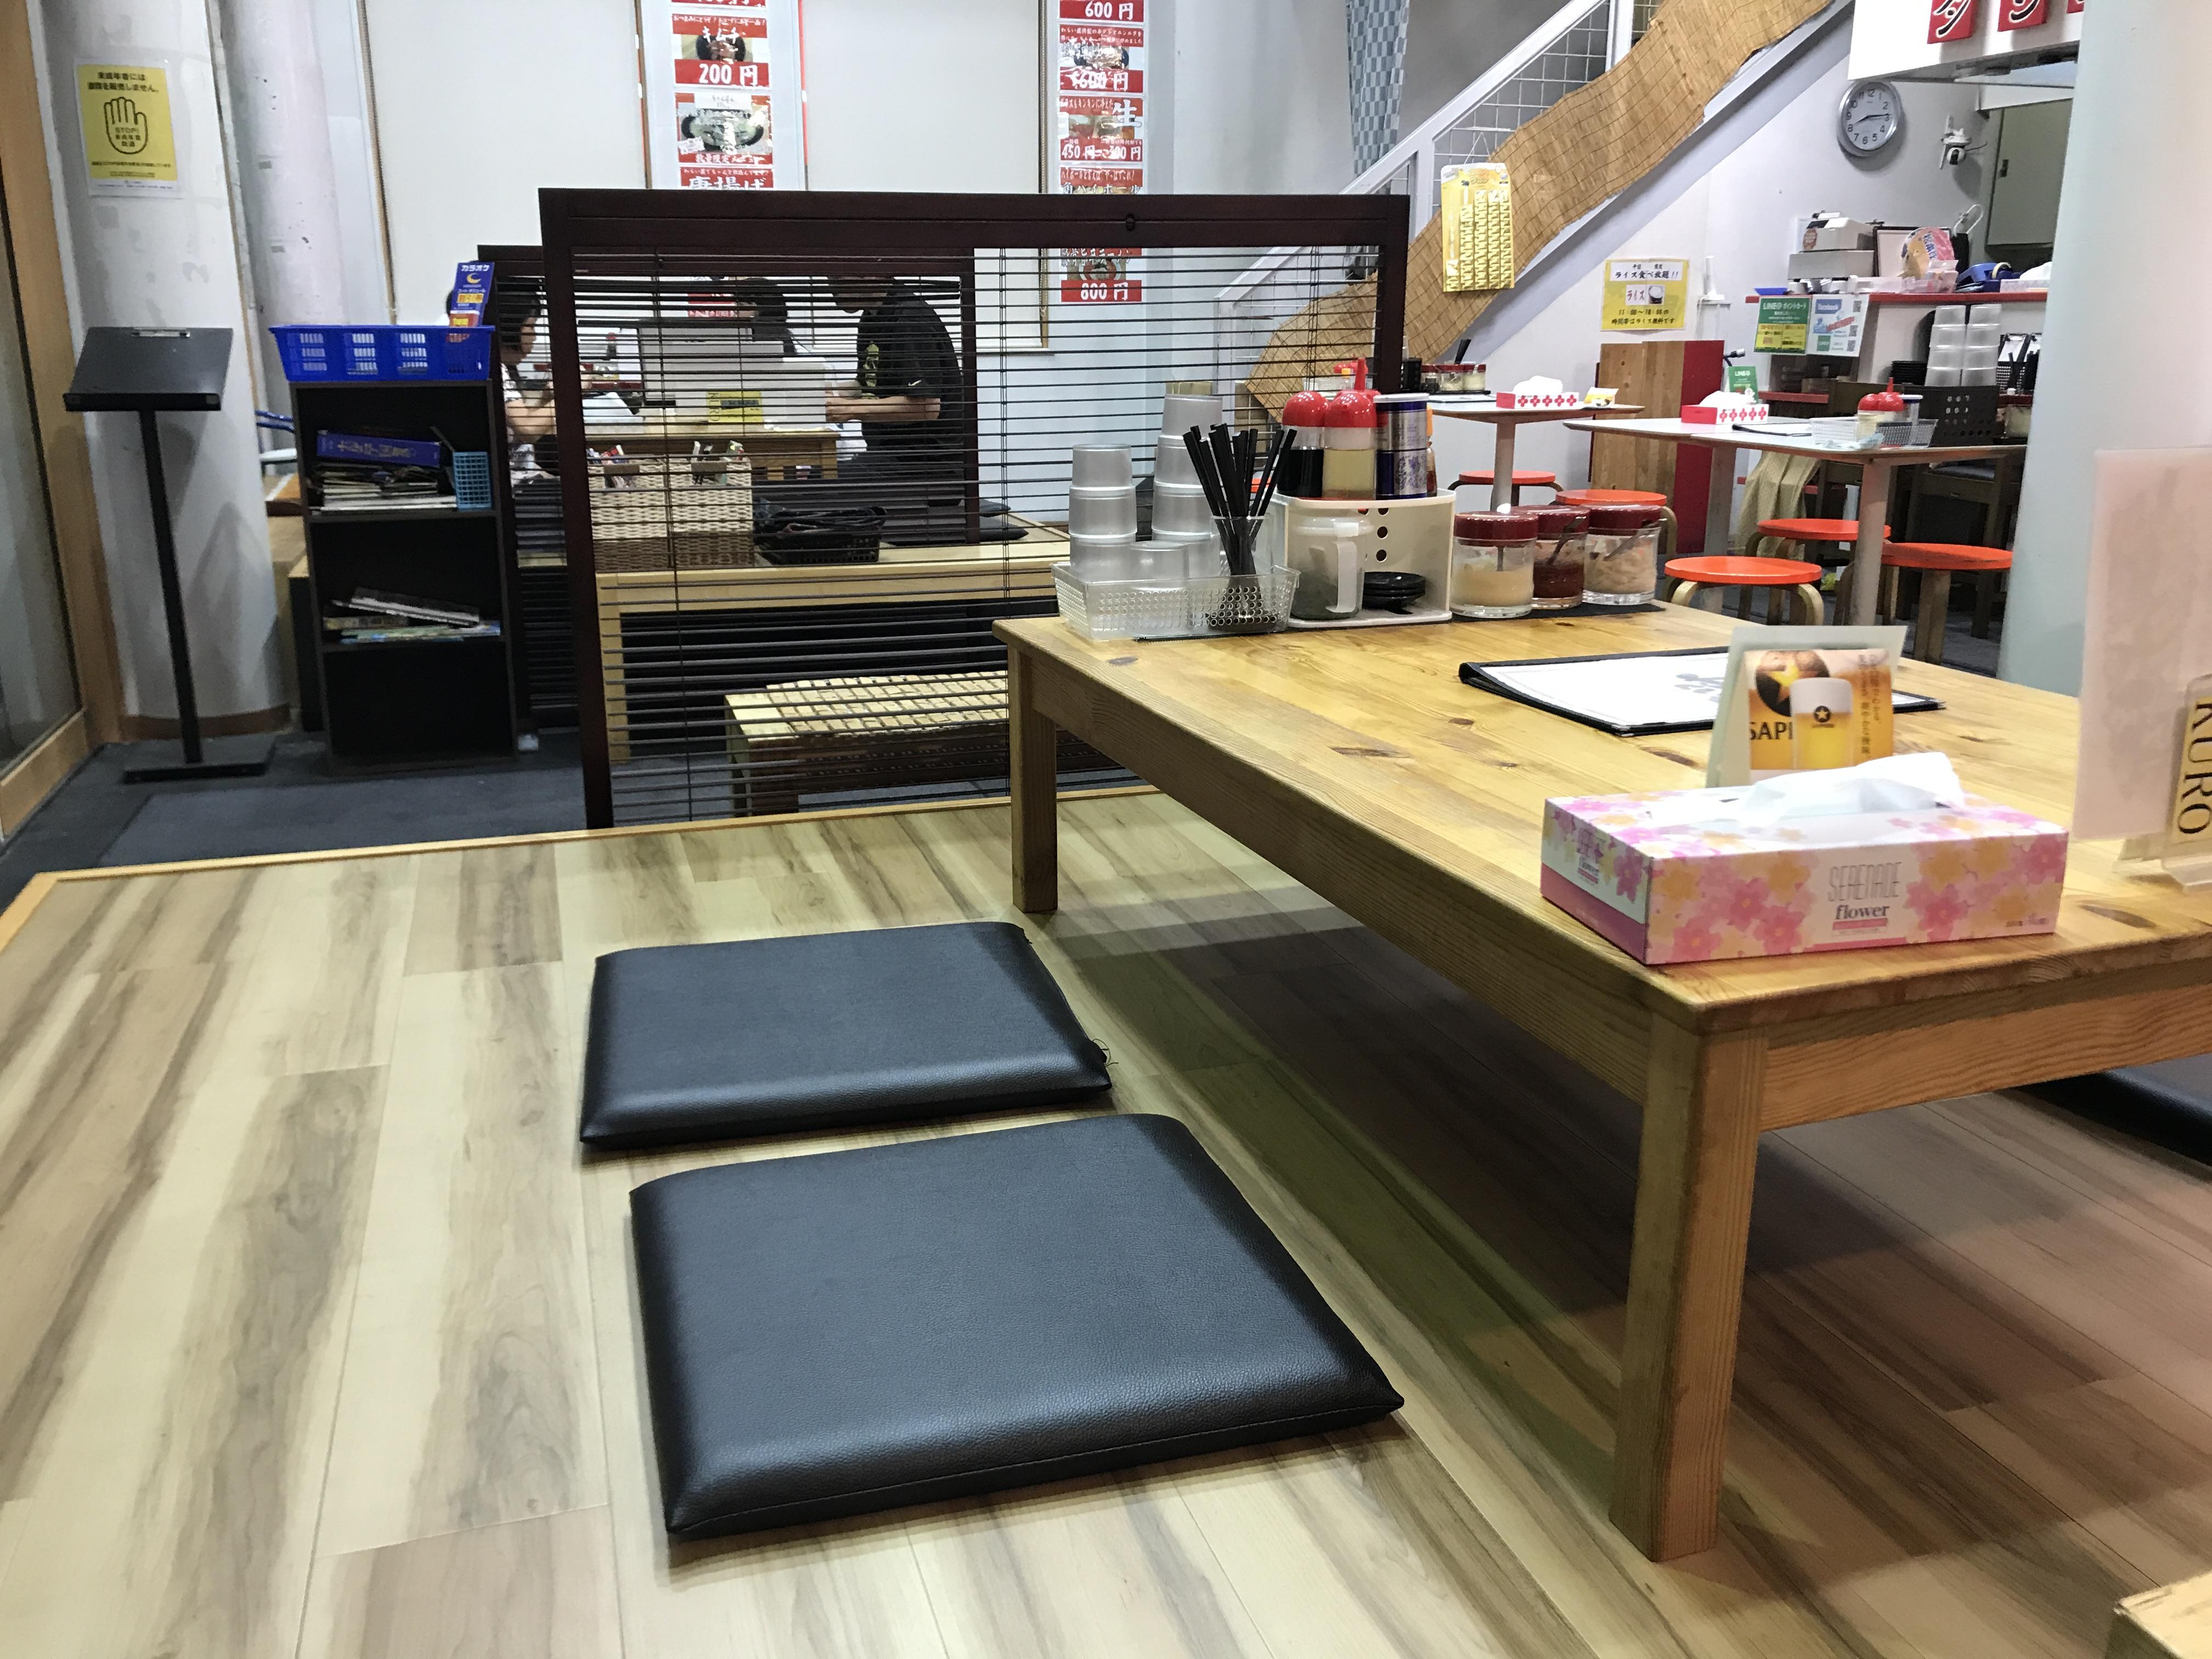 長野市川中島のラーメン屋「わらい屋」の店内